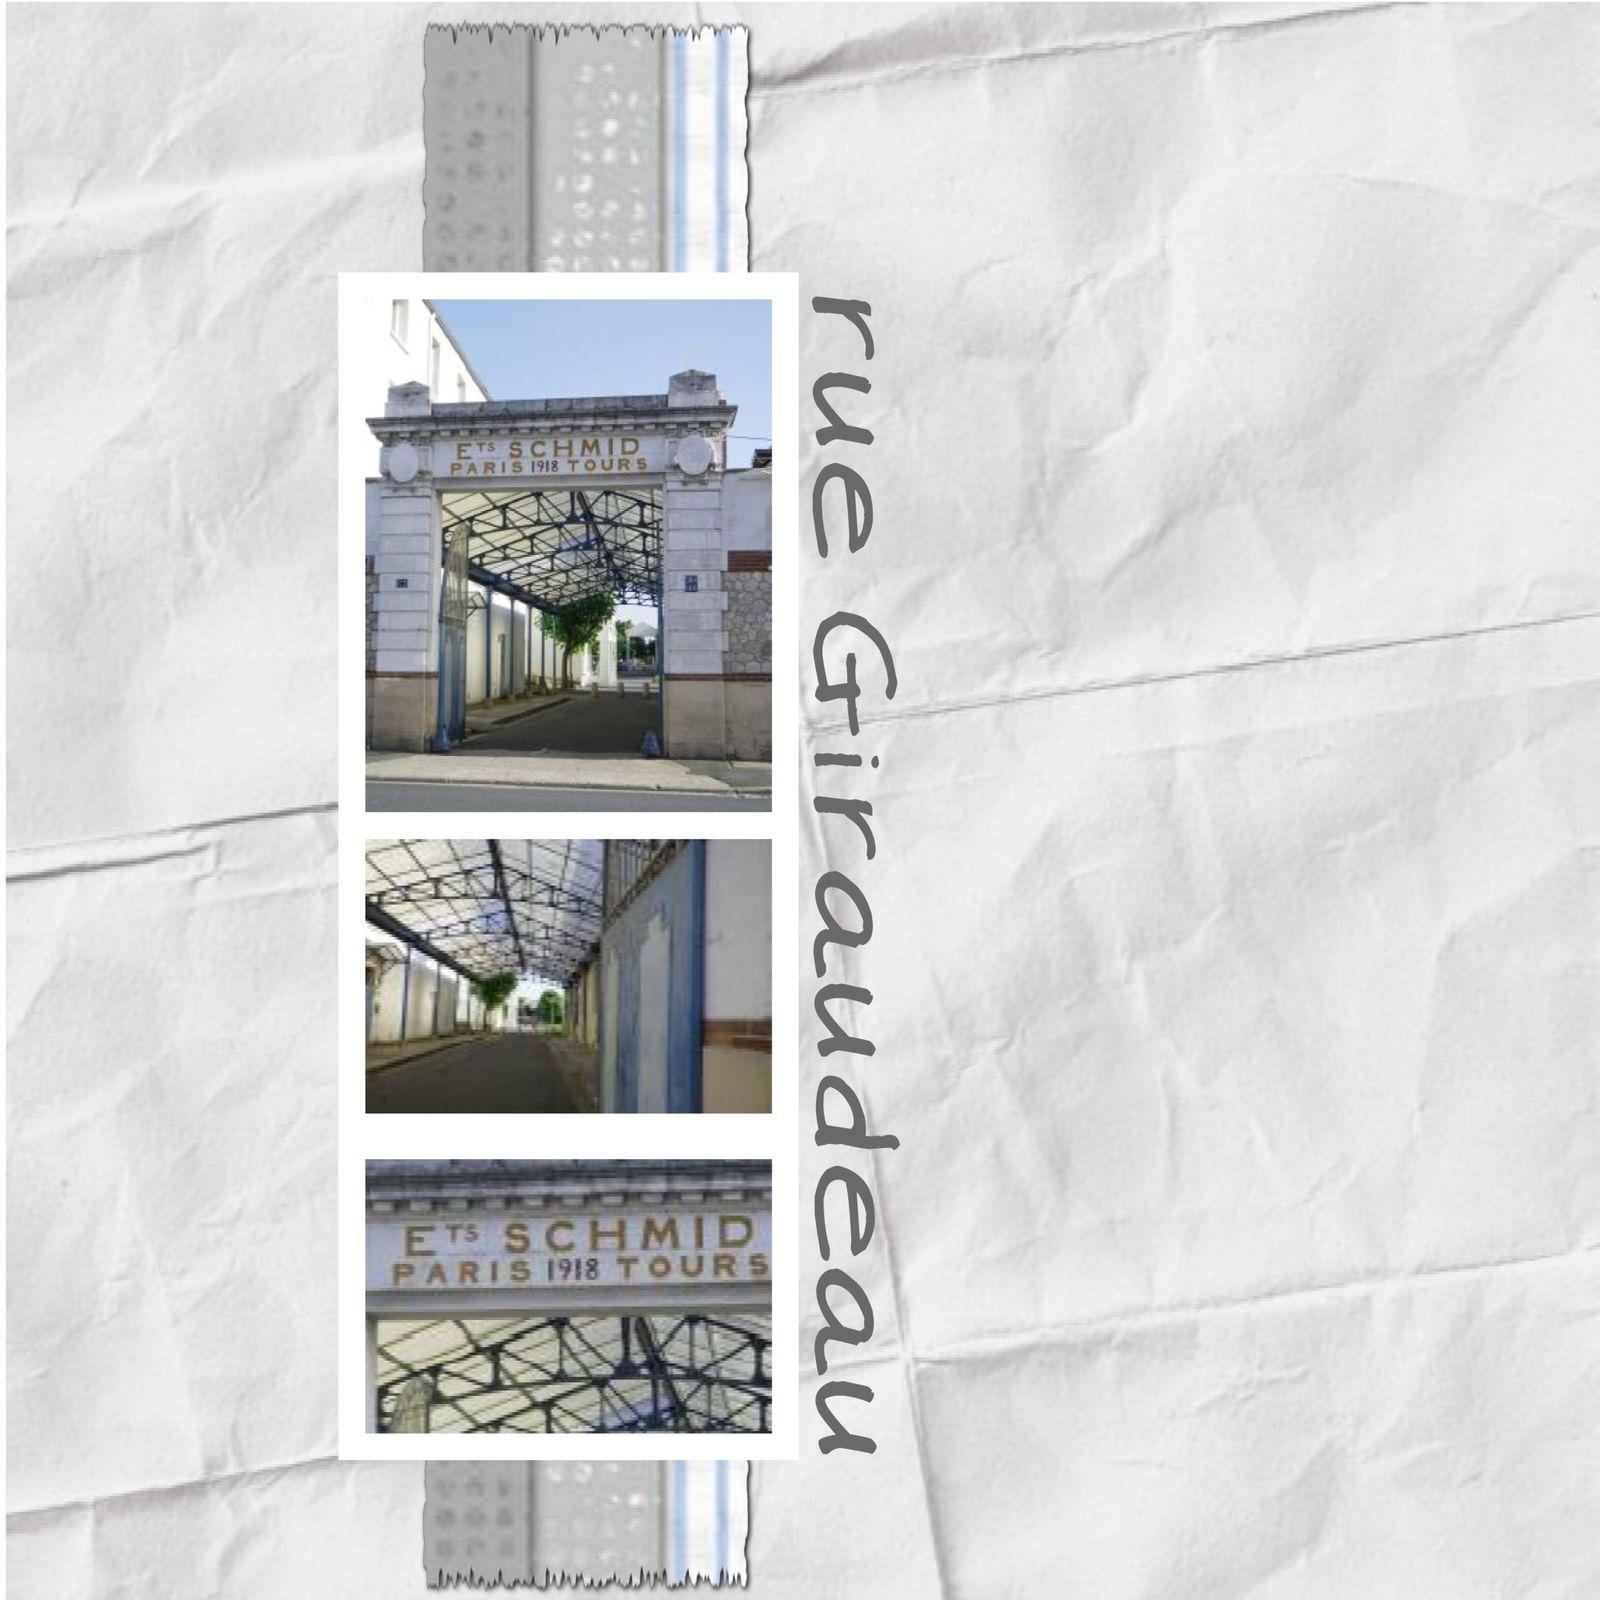 au hasard des rues et des jardins - mes premières pages sur ce blog !